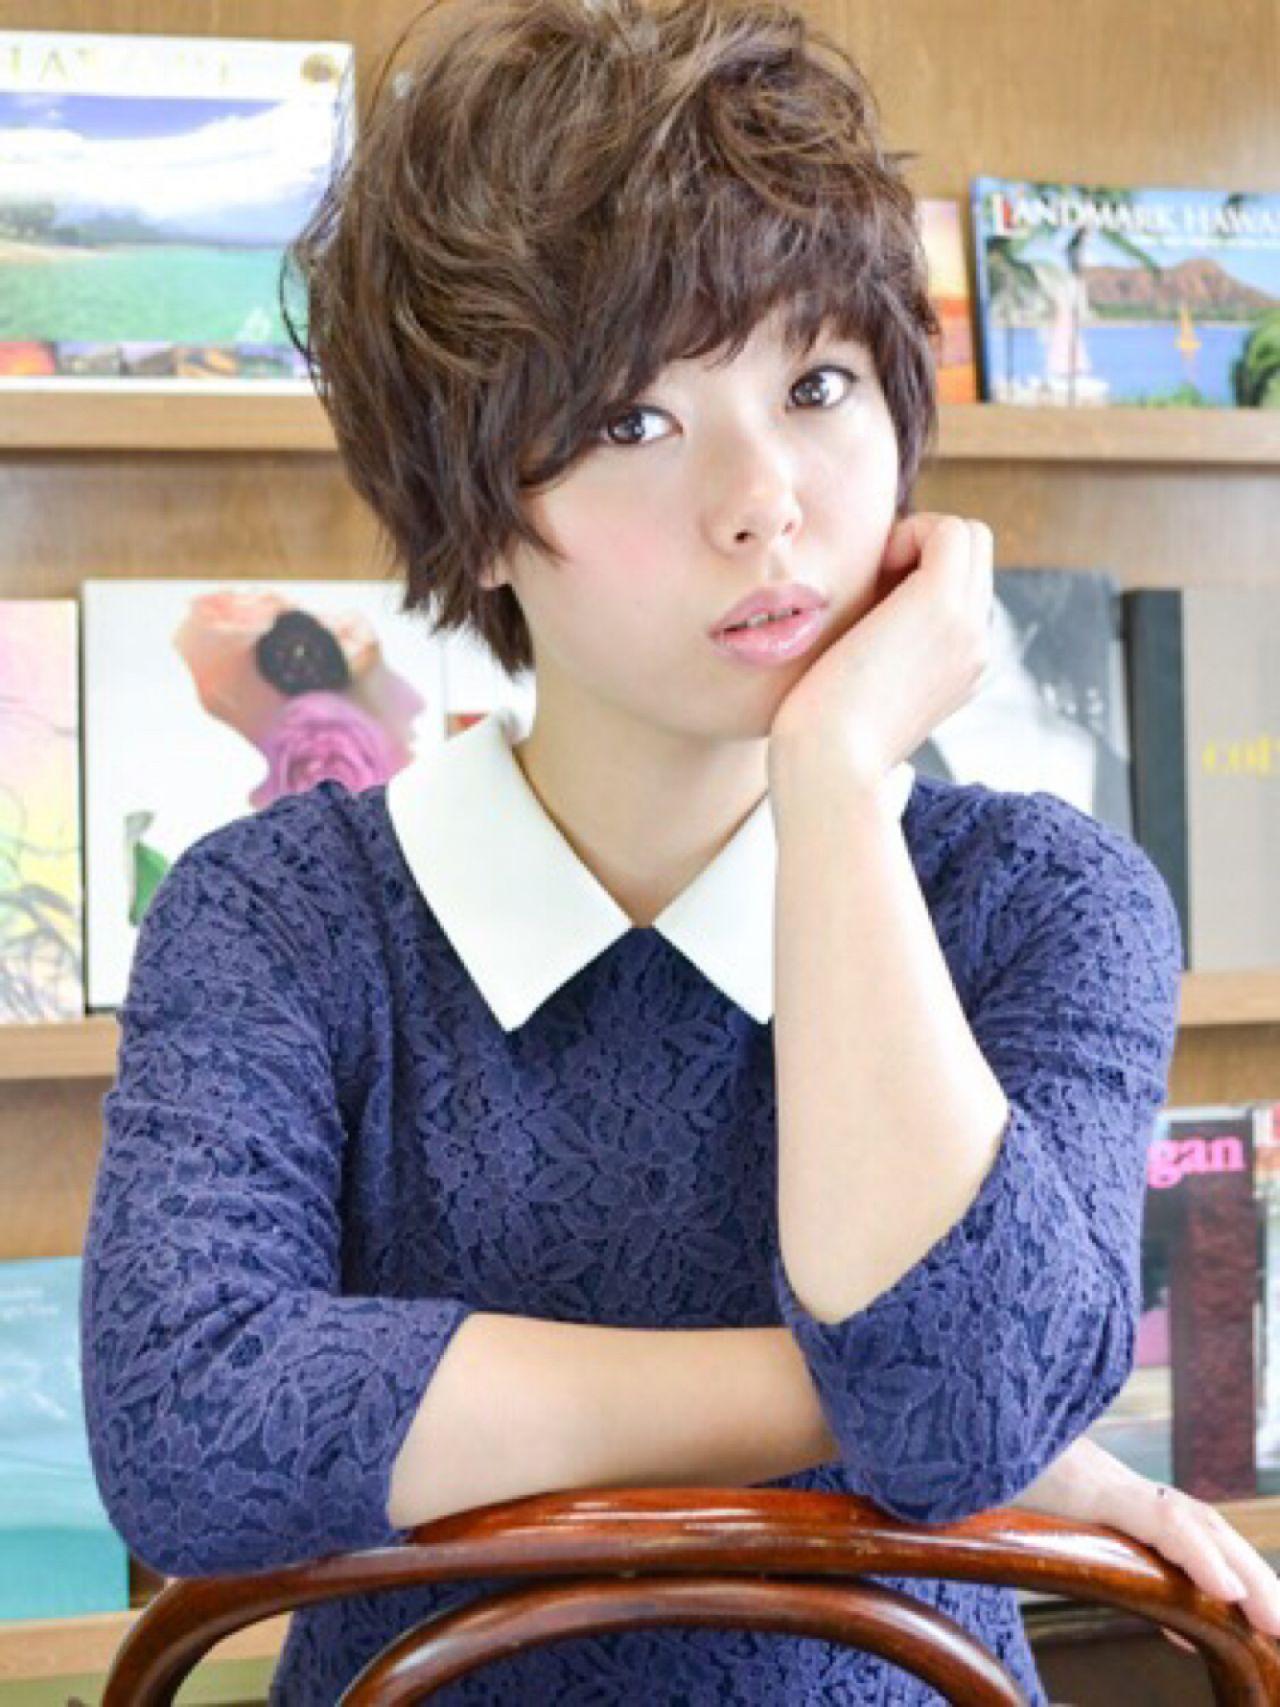 モテ髪 愛され 秋 ゆるふわ ヘアスタイルや髪型の写真・画像 | 室井 良美 /